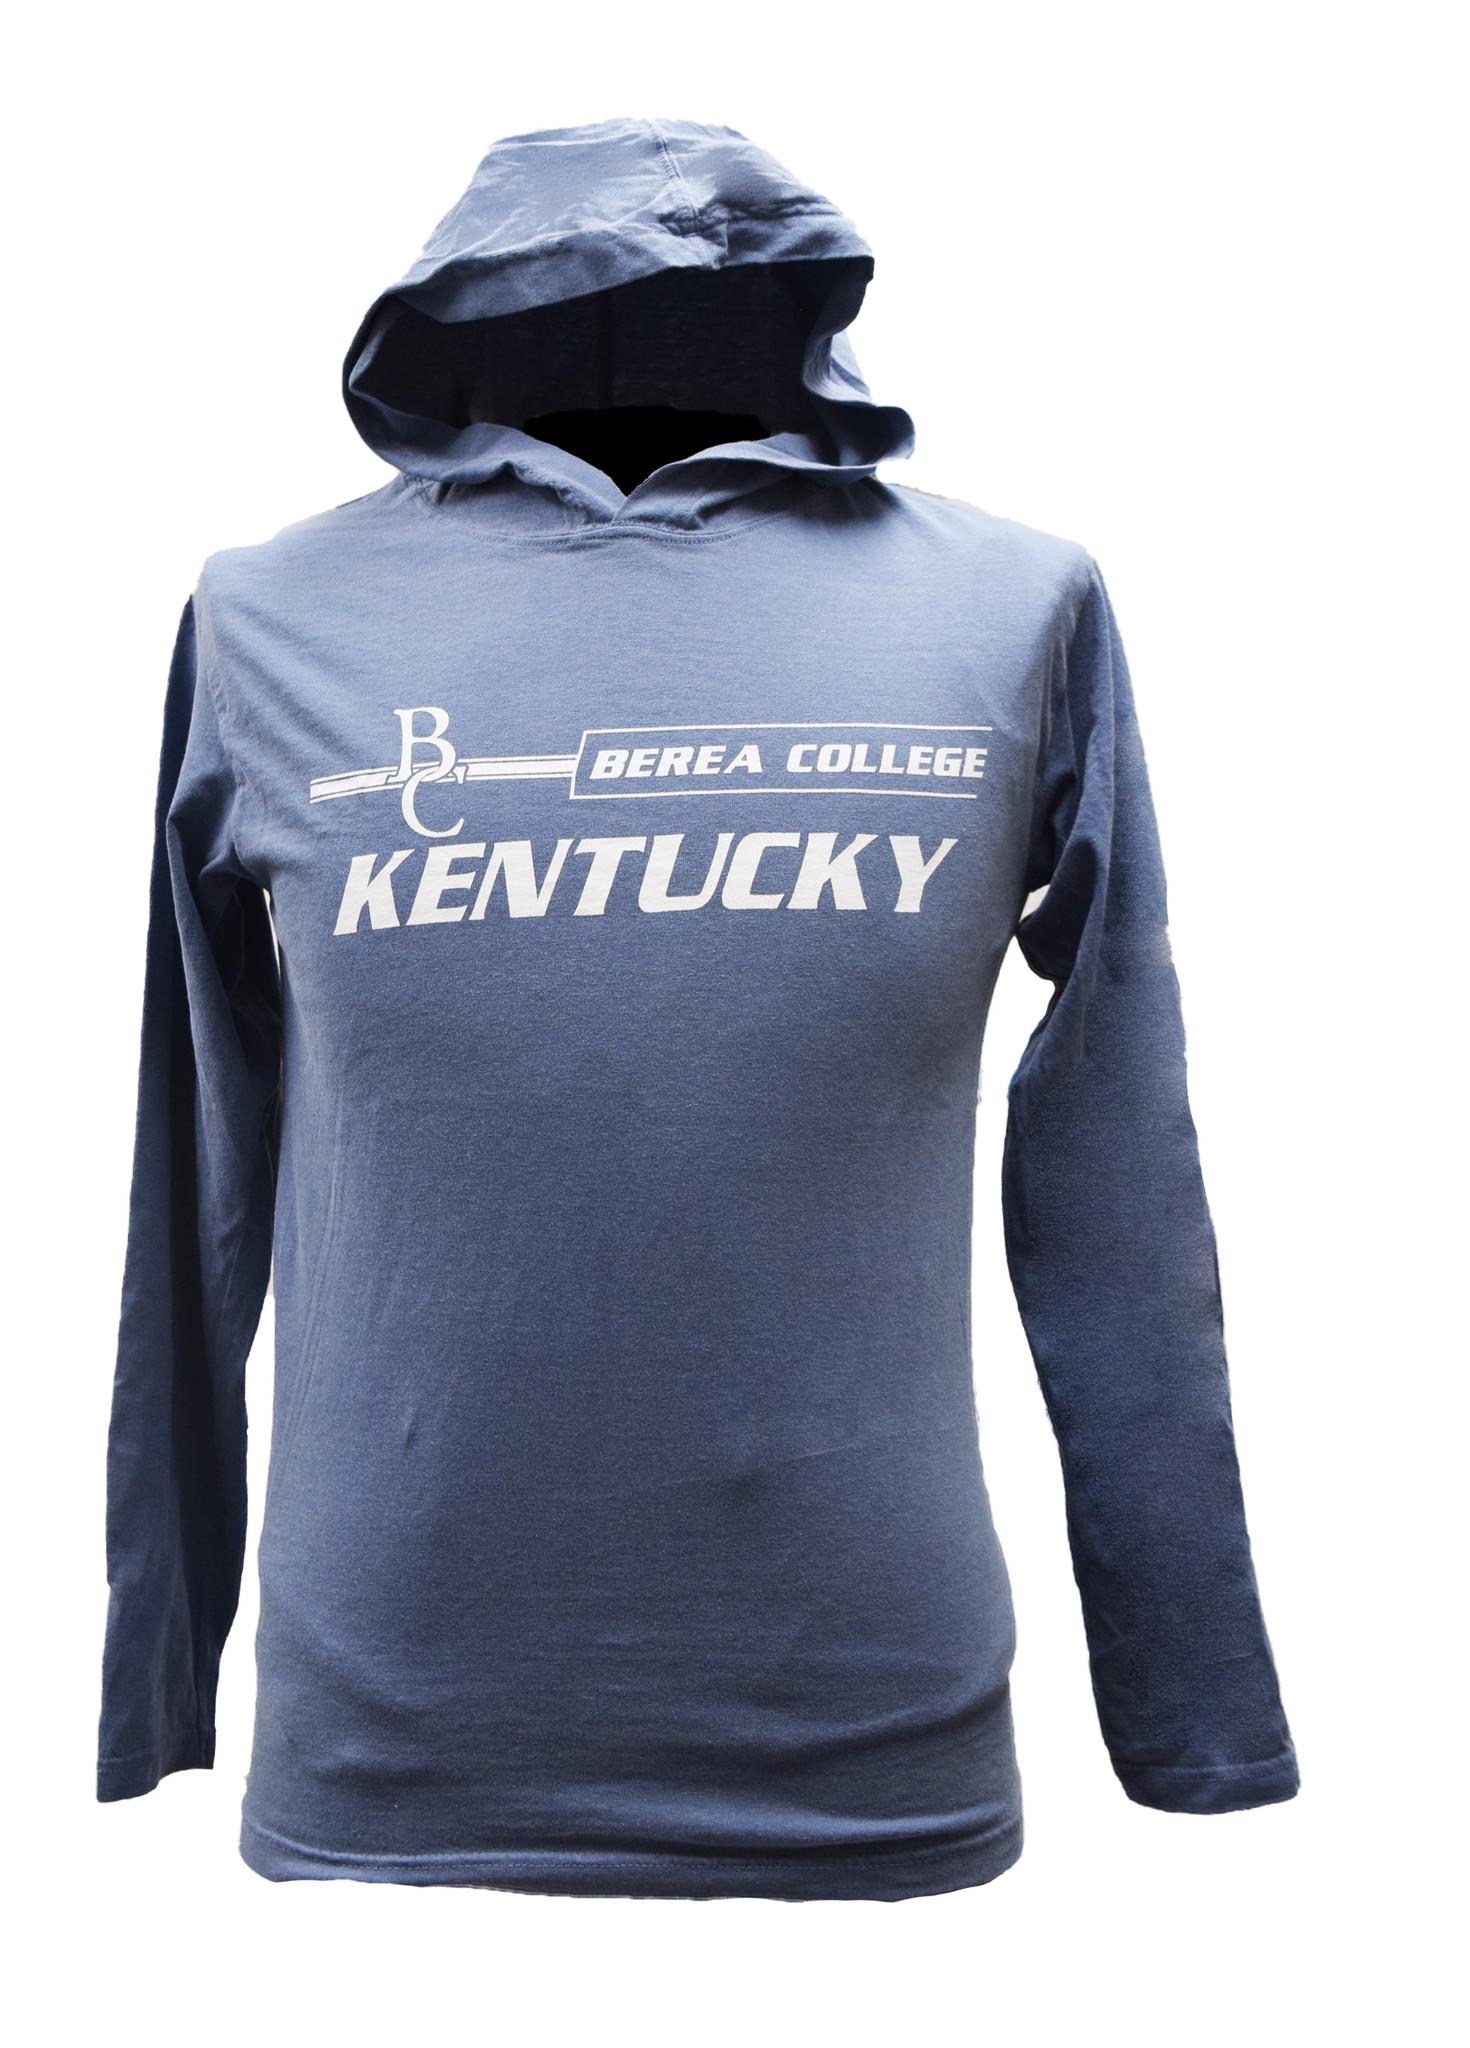 Berea College Kentucky Hooded T-shirt-1